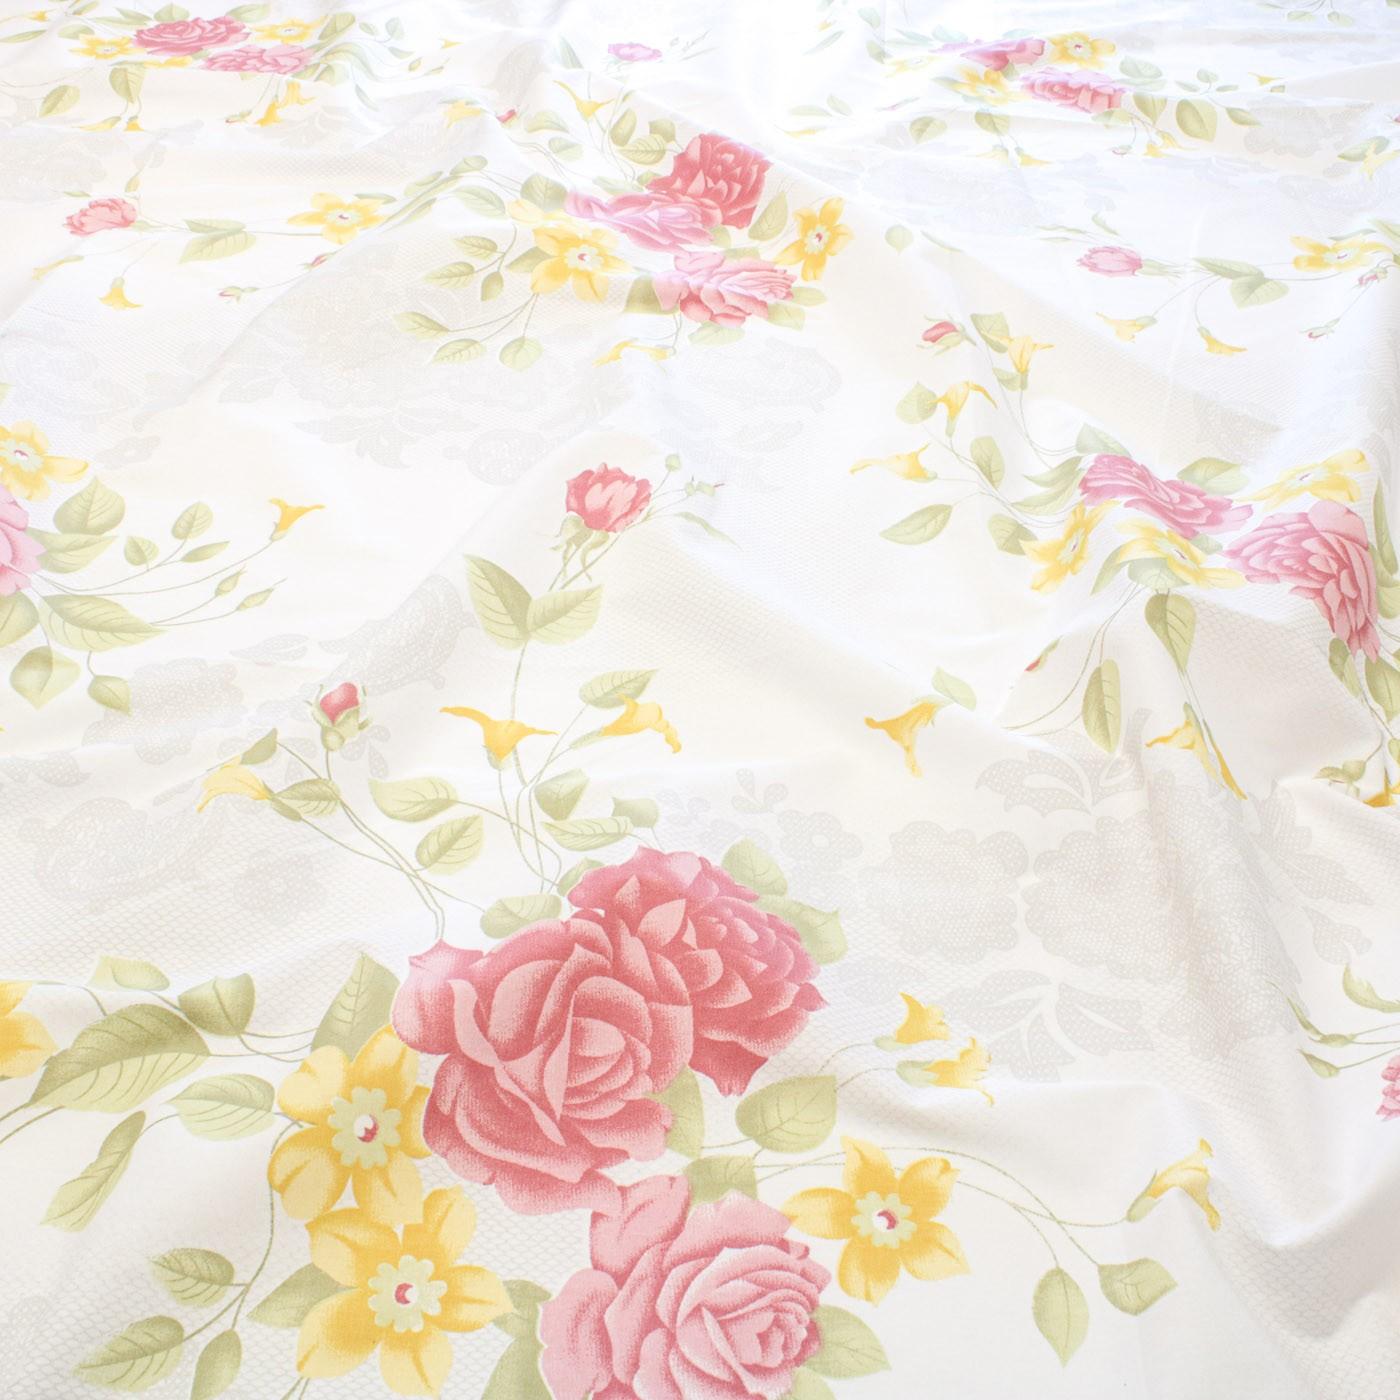 Tecido Percal Estampado 180 Fios 2,50m Flores Amarela e Rosa